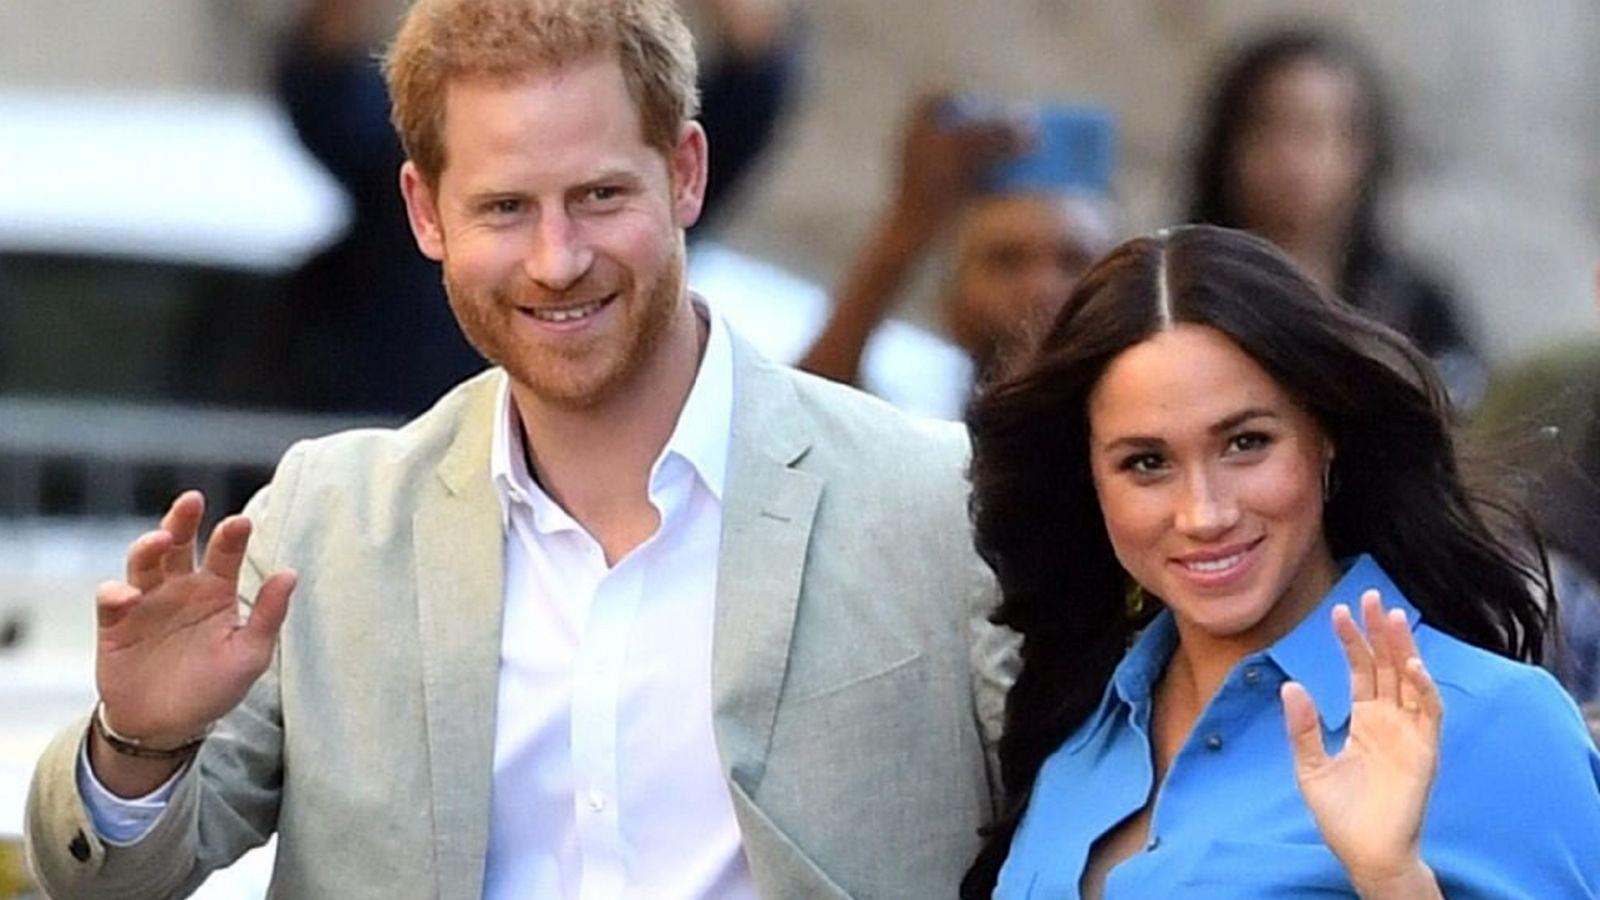 Μέγκαν Μαρκλ Πρίγκιπας Χάρι βιβλίο: Η ζωή στο παλάτι – Ένα αποκαλυπτικό βιβλίο ετοιμάζει το ζευγάρι